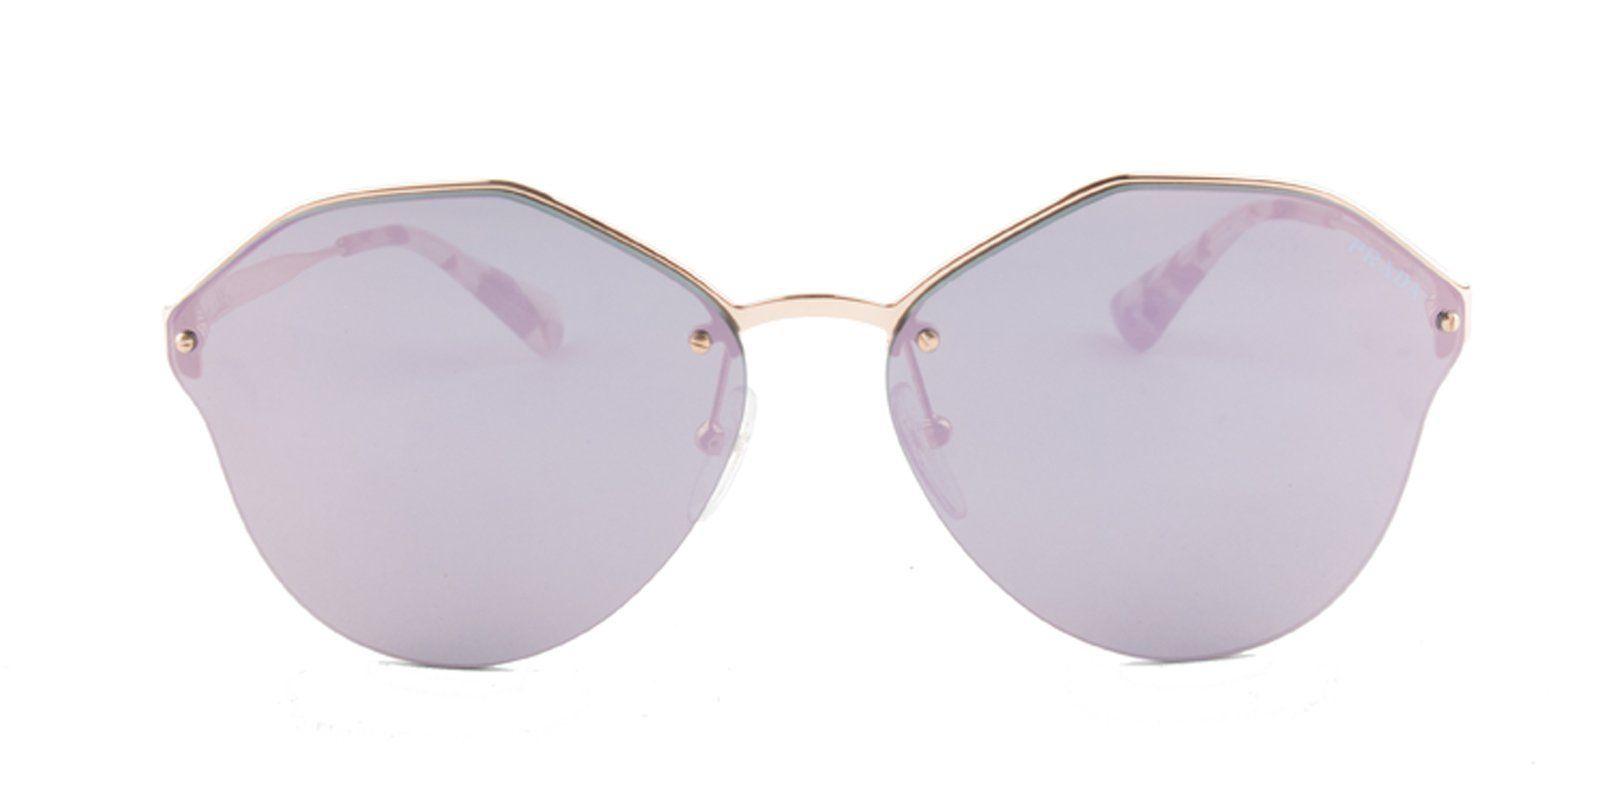 232dd36364a0 ... france prada pr64ts gold purple sunglasses free shipping designer eyes  aa714 4af77